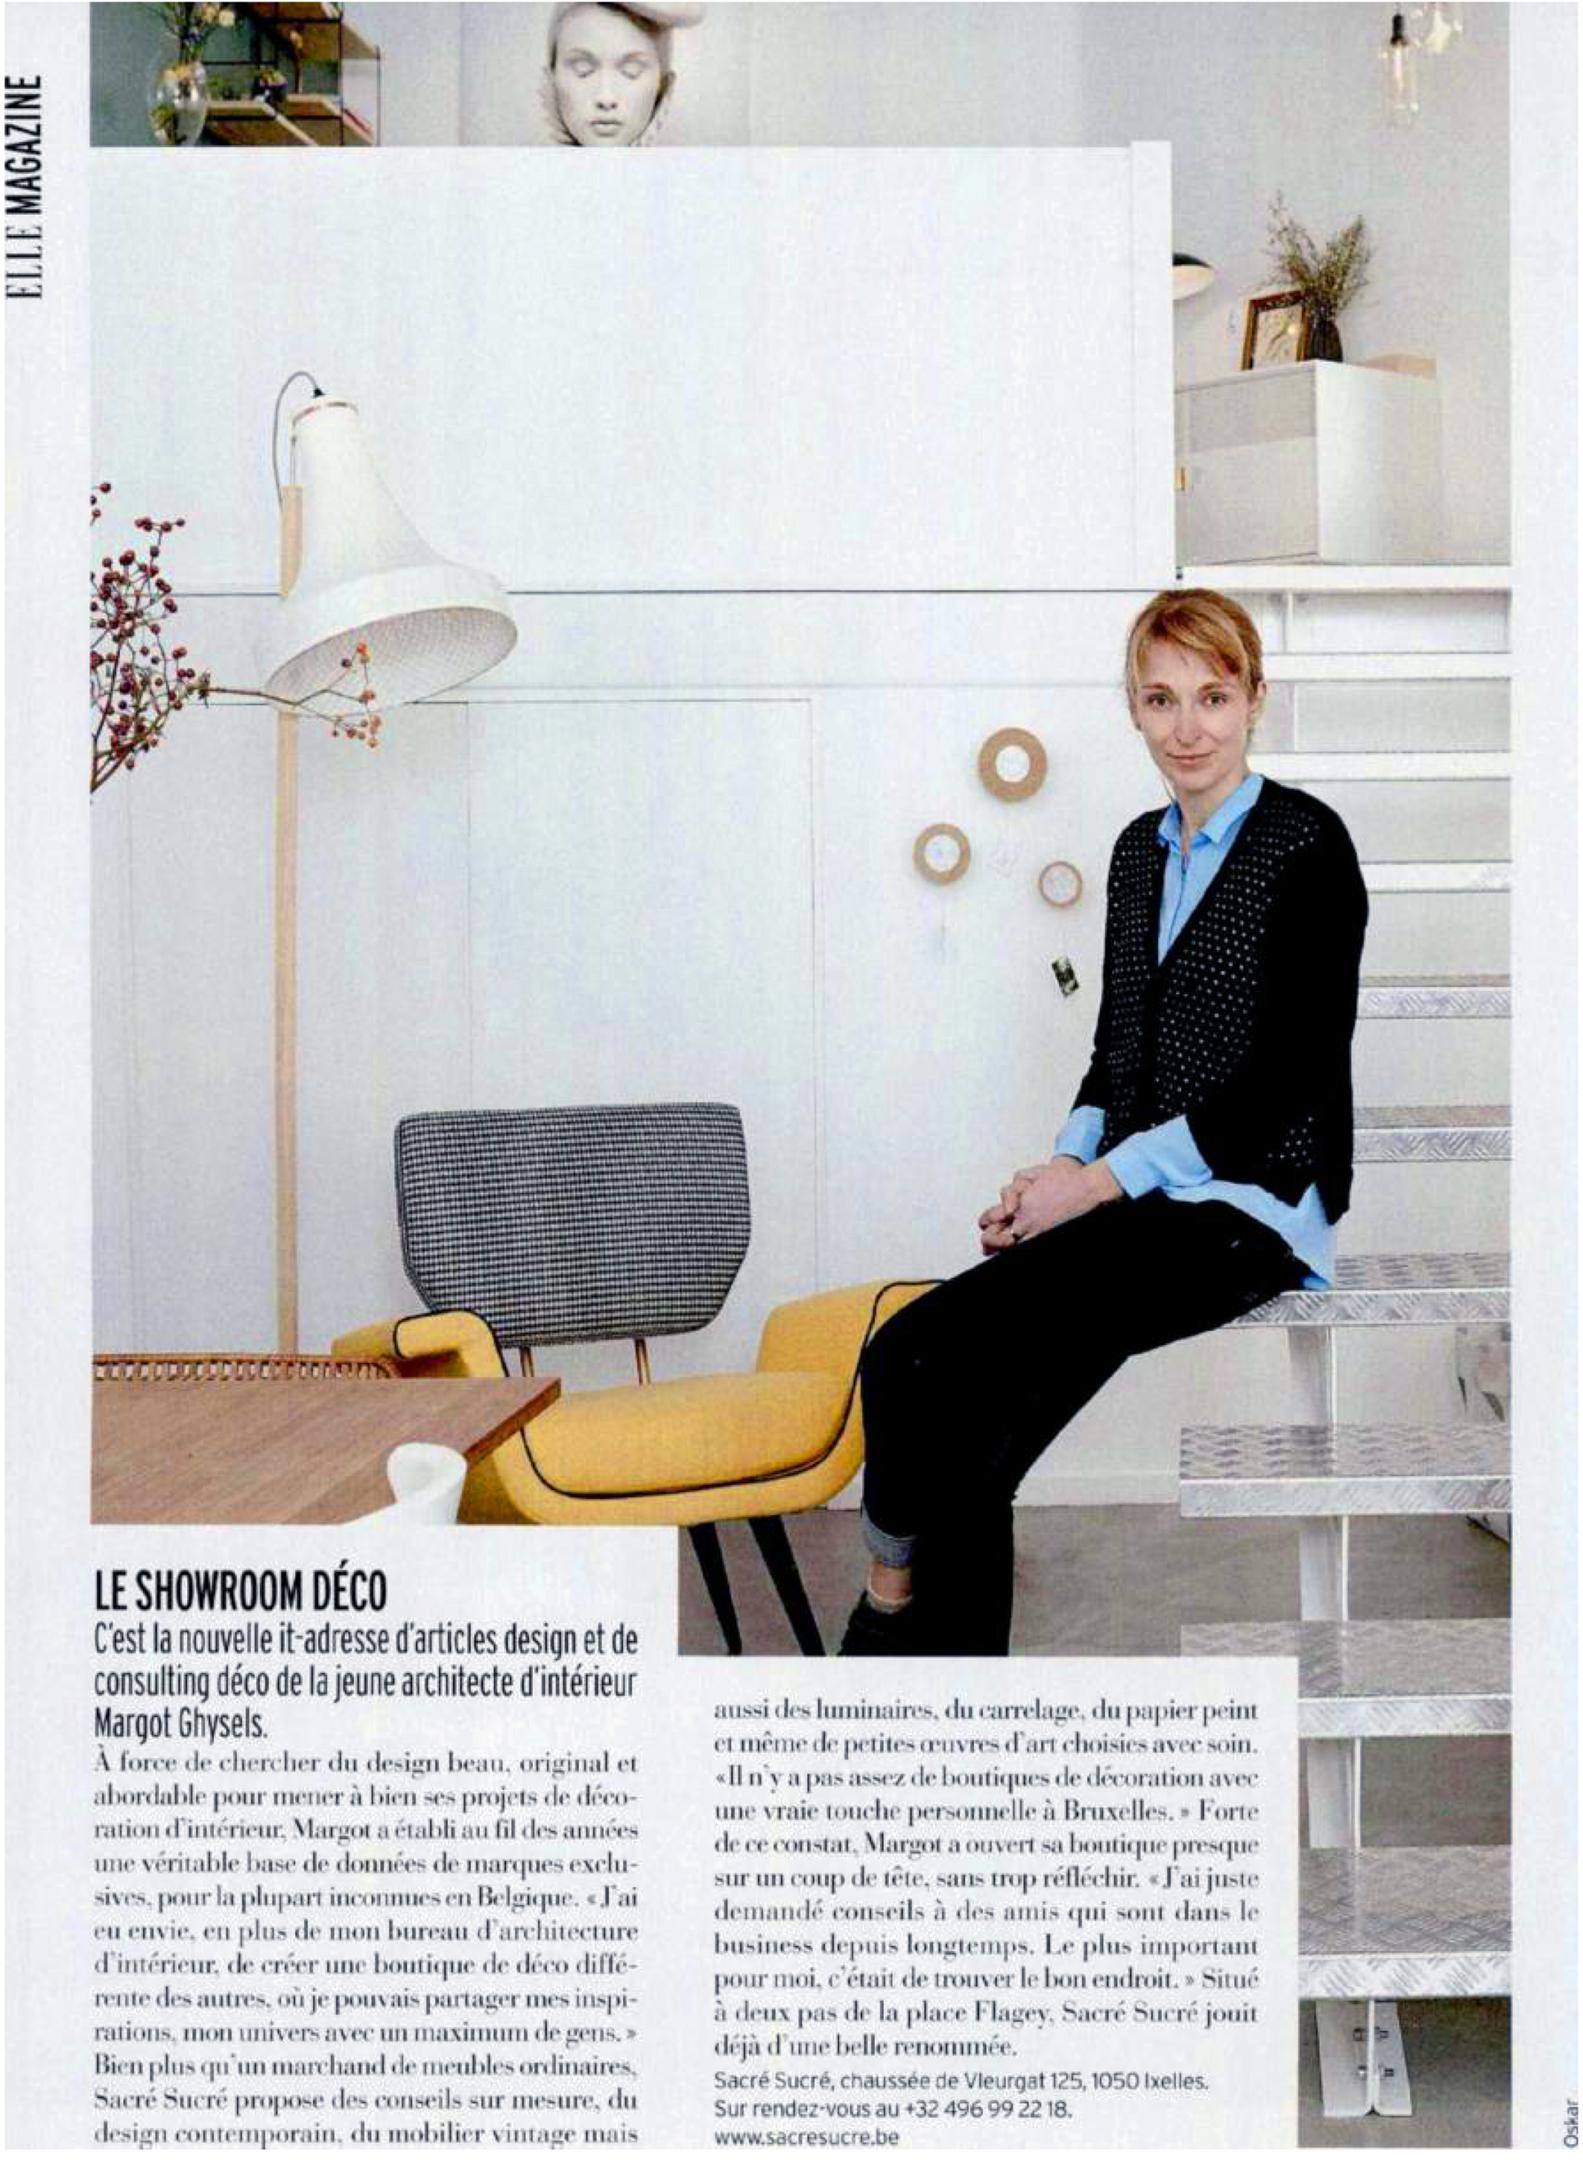 Elle-Belgique-Article-S.png